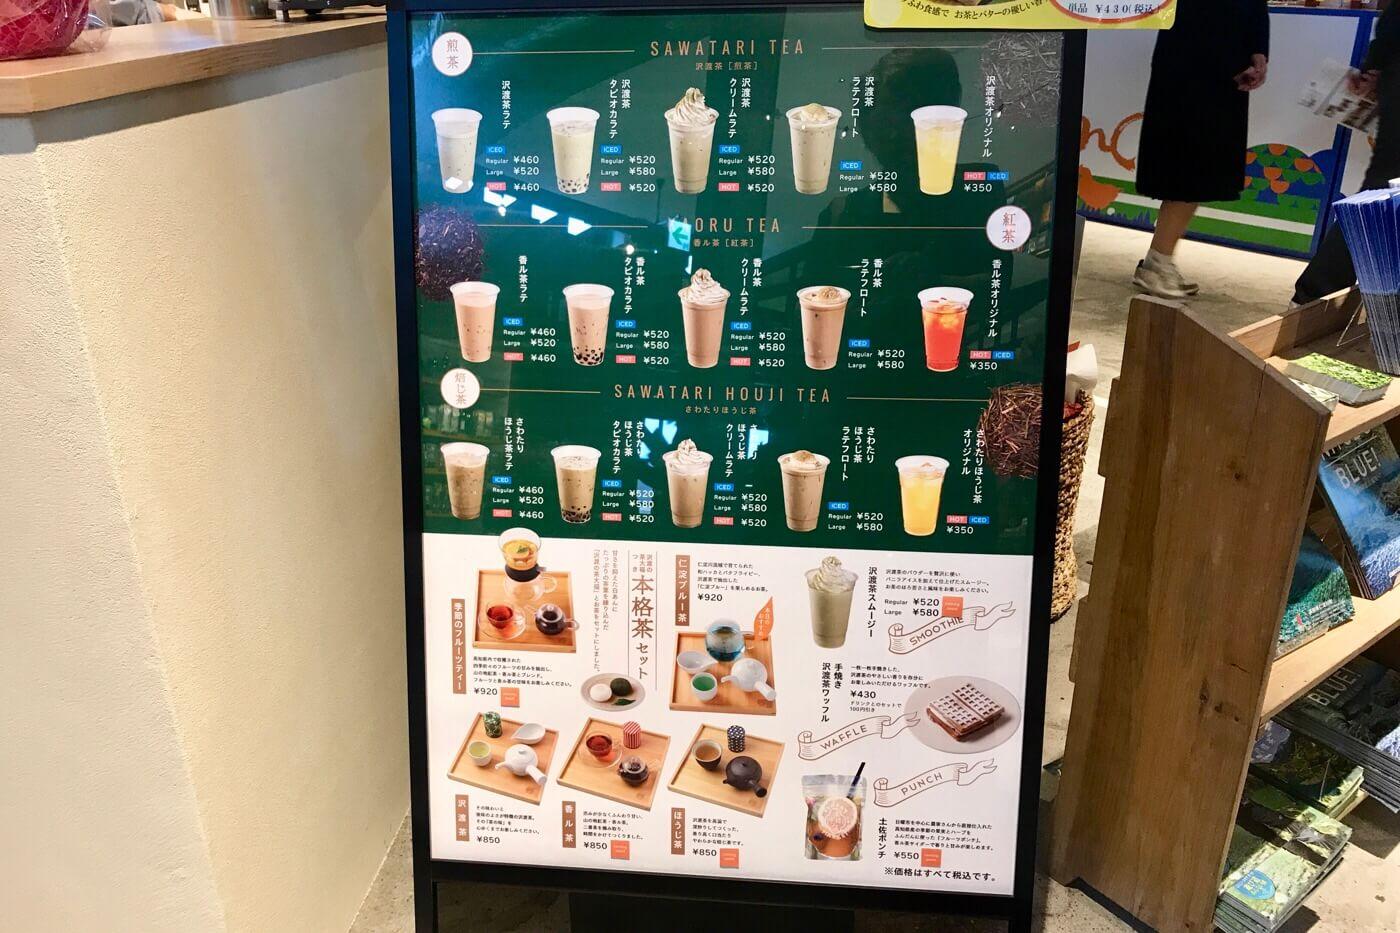 高知蔦屋書店 沢渡茶カフェ ASUNAROアスナロのメニュー